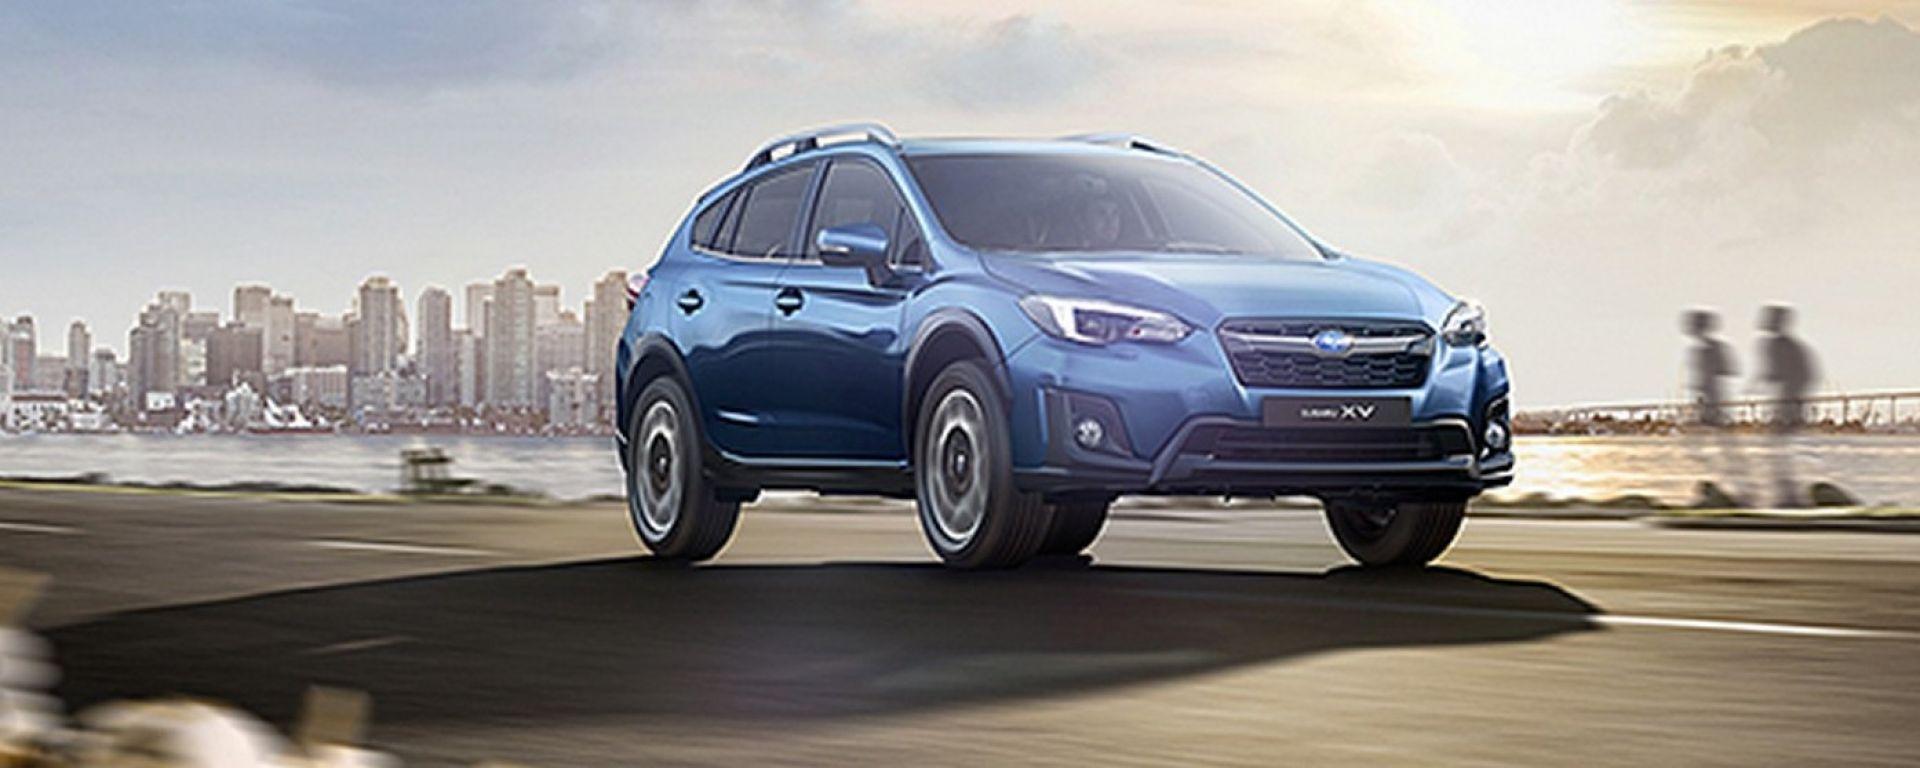 Subaru XV: al Salone di Ginevra debutta la seconda generazione